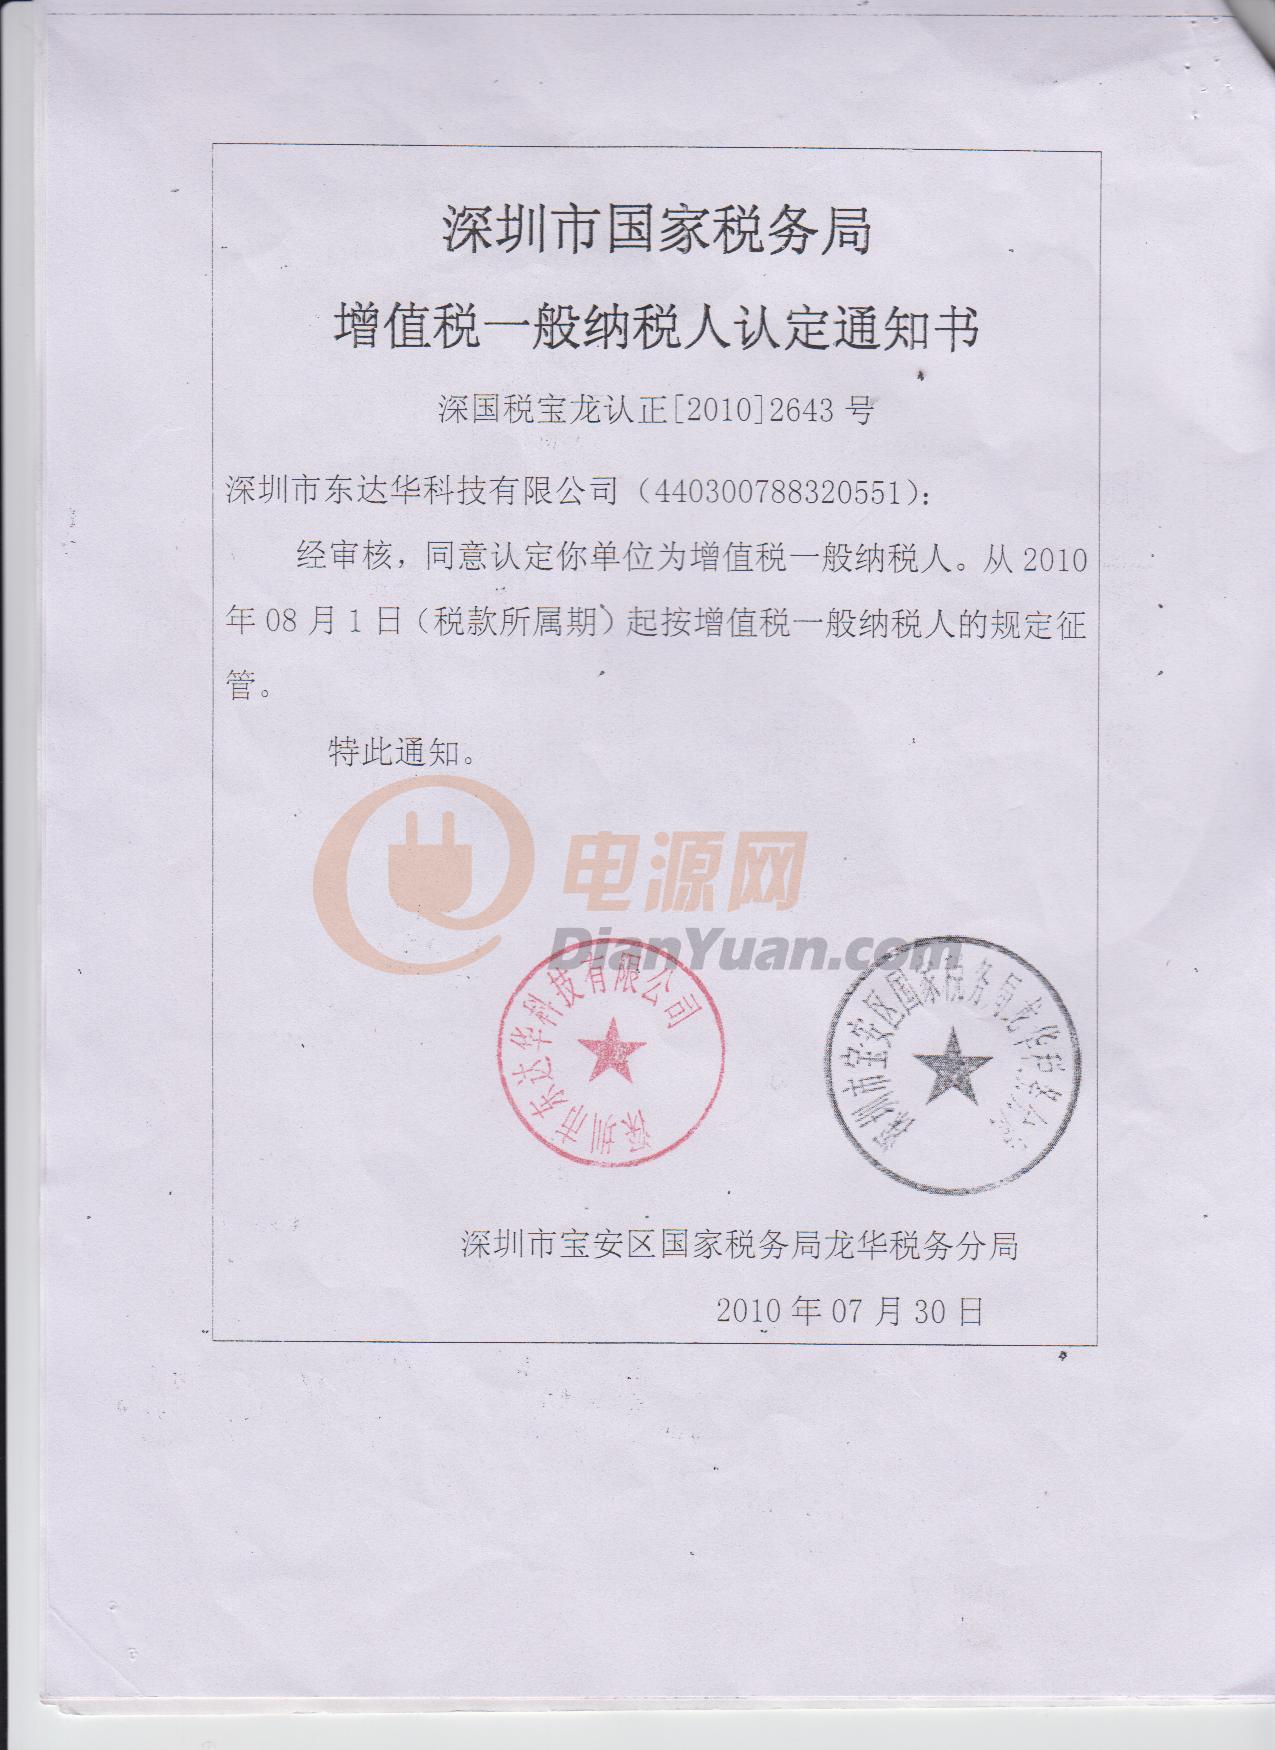 务登记类证书 一般纳税人认定书 工商行政管理局 0000-00-00 至